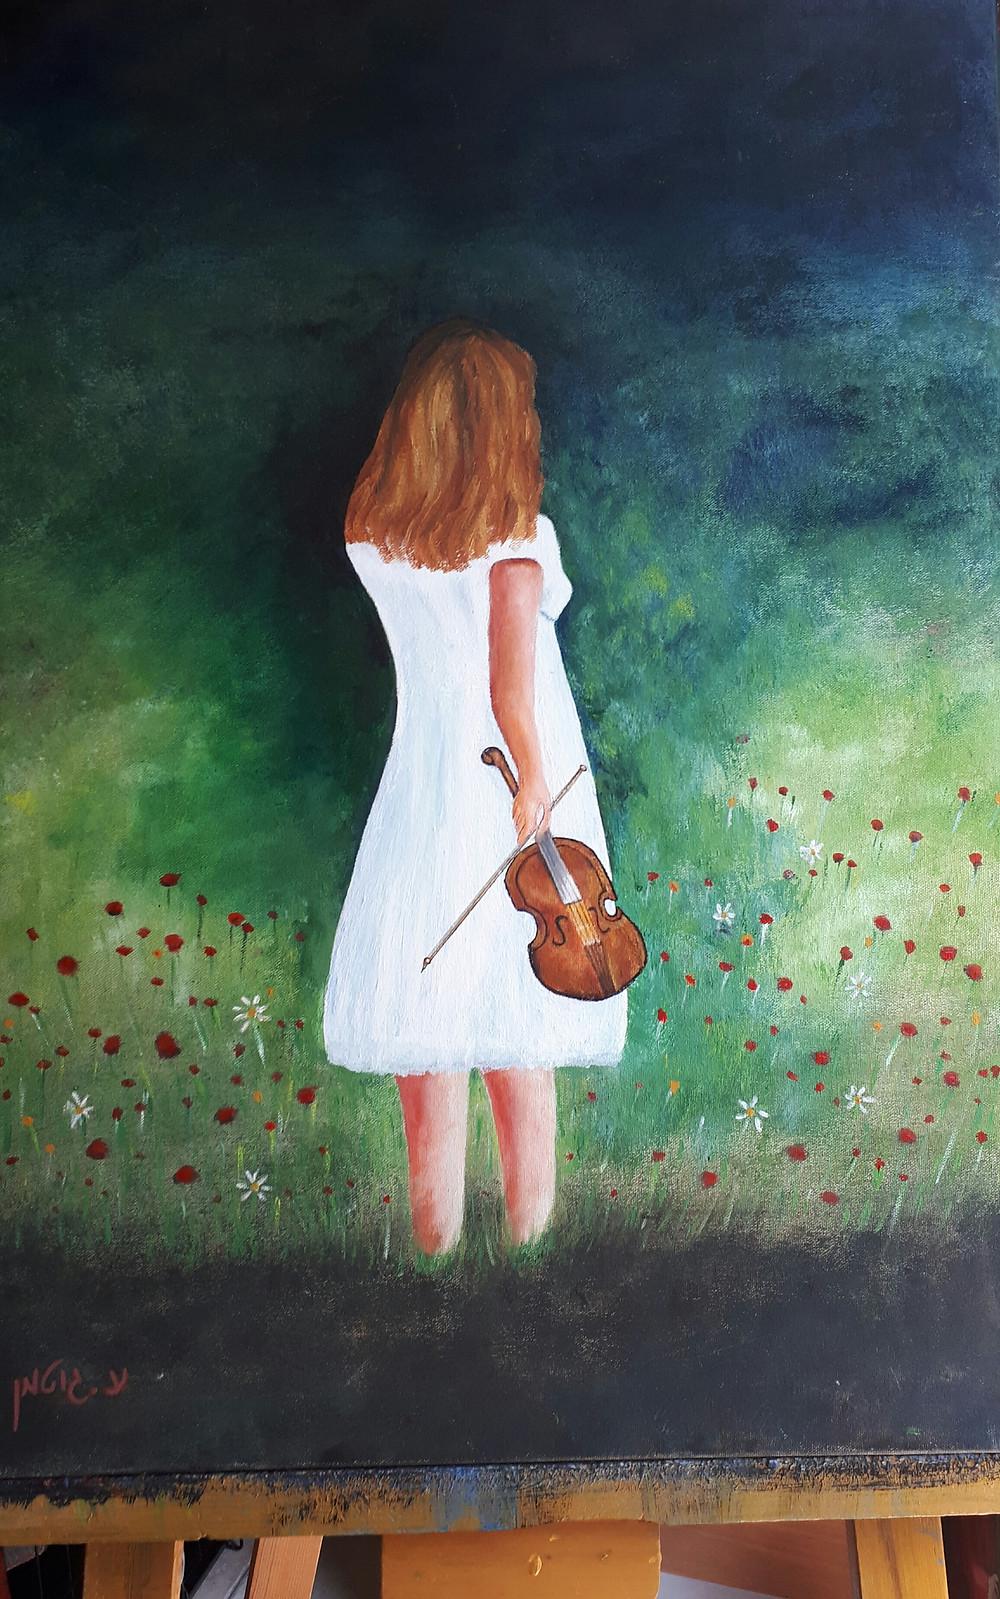 ציור של נערה בשמלה לבנה וכינור